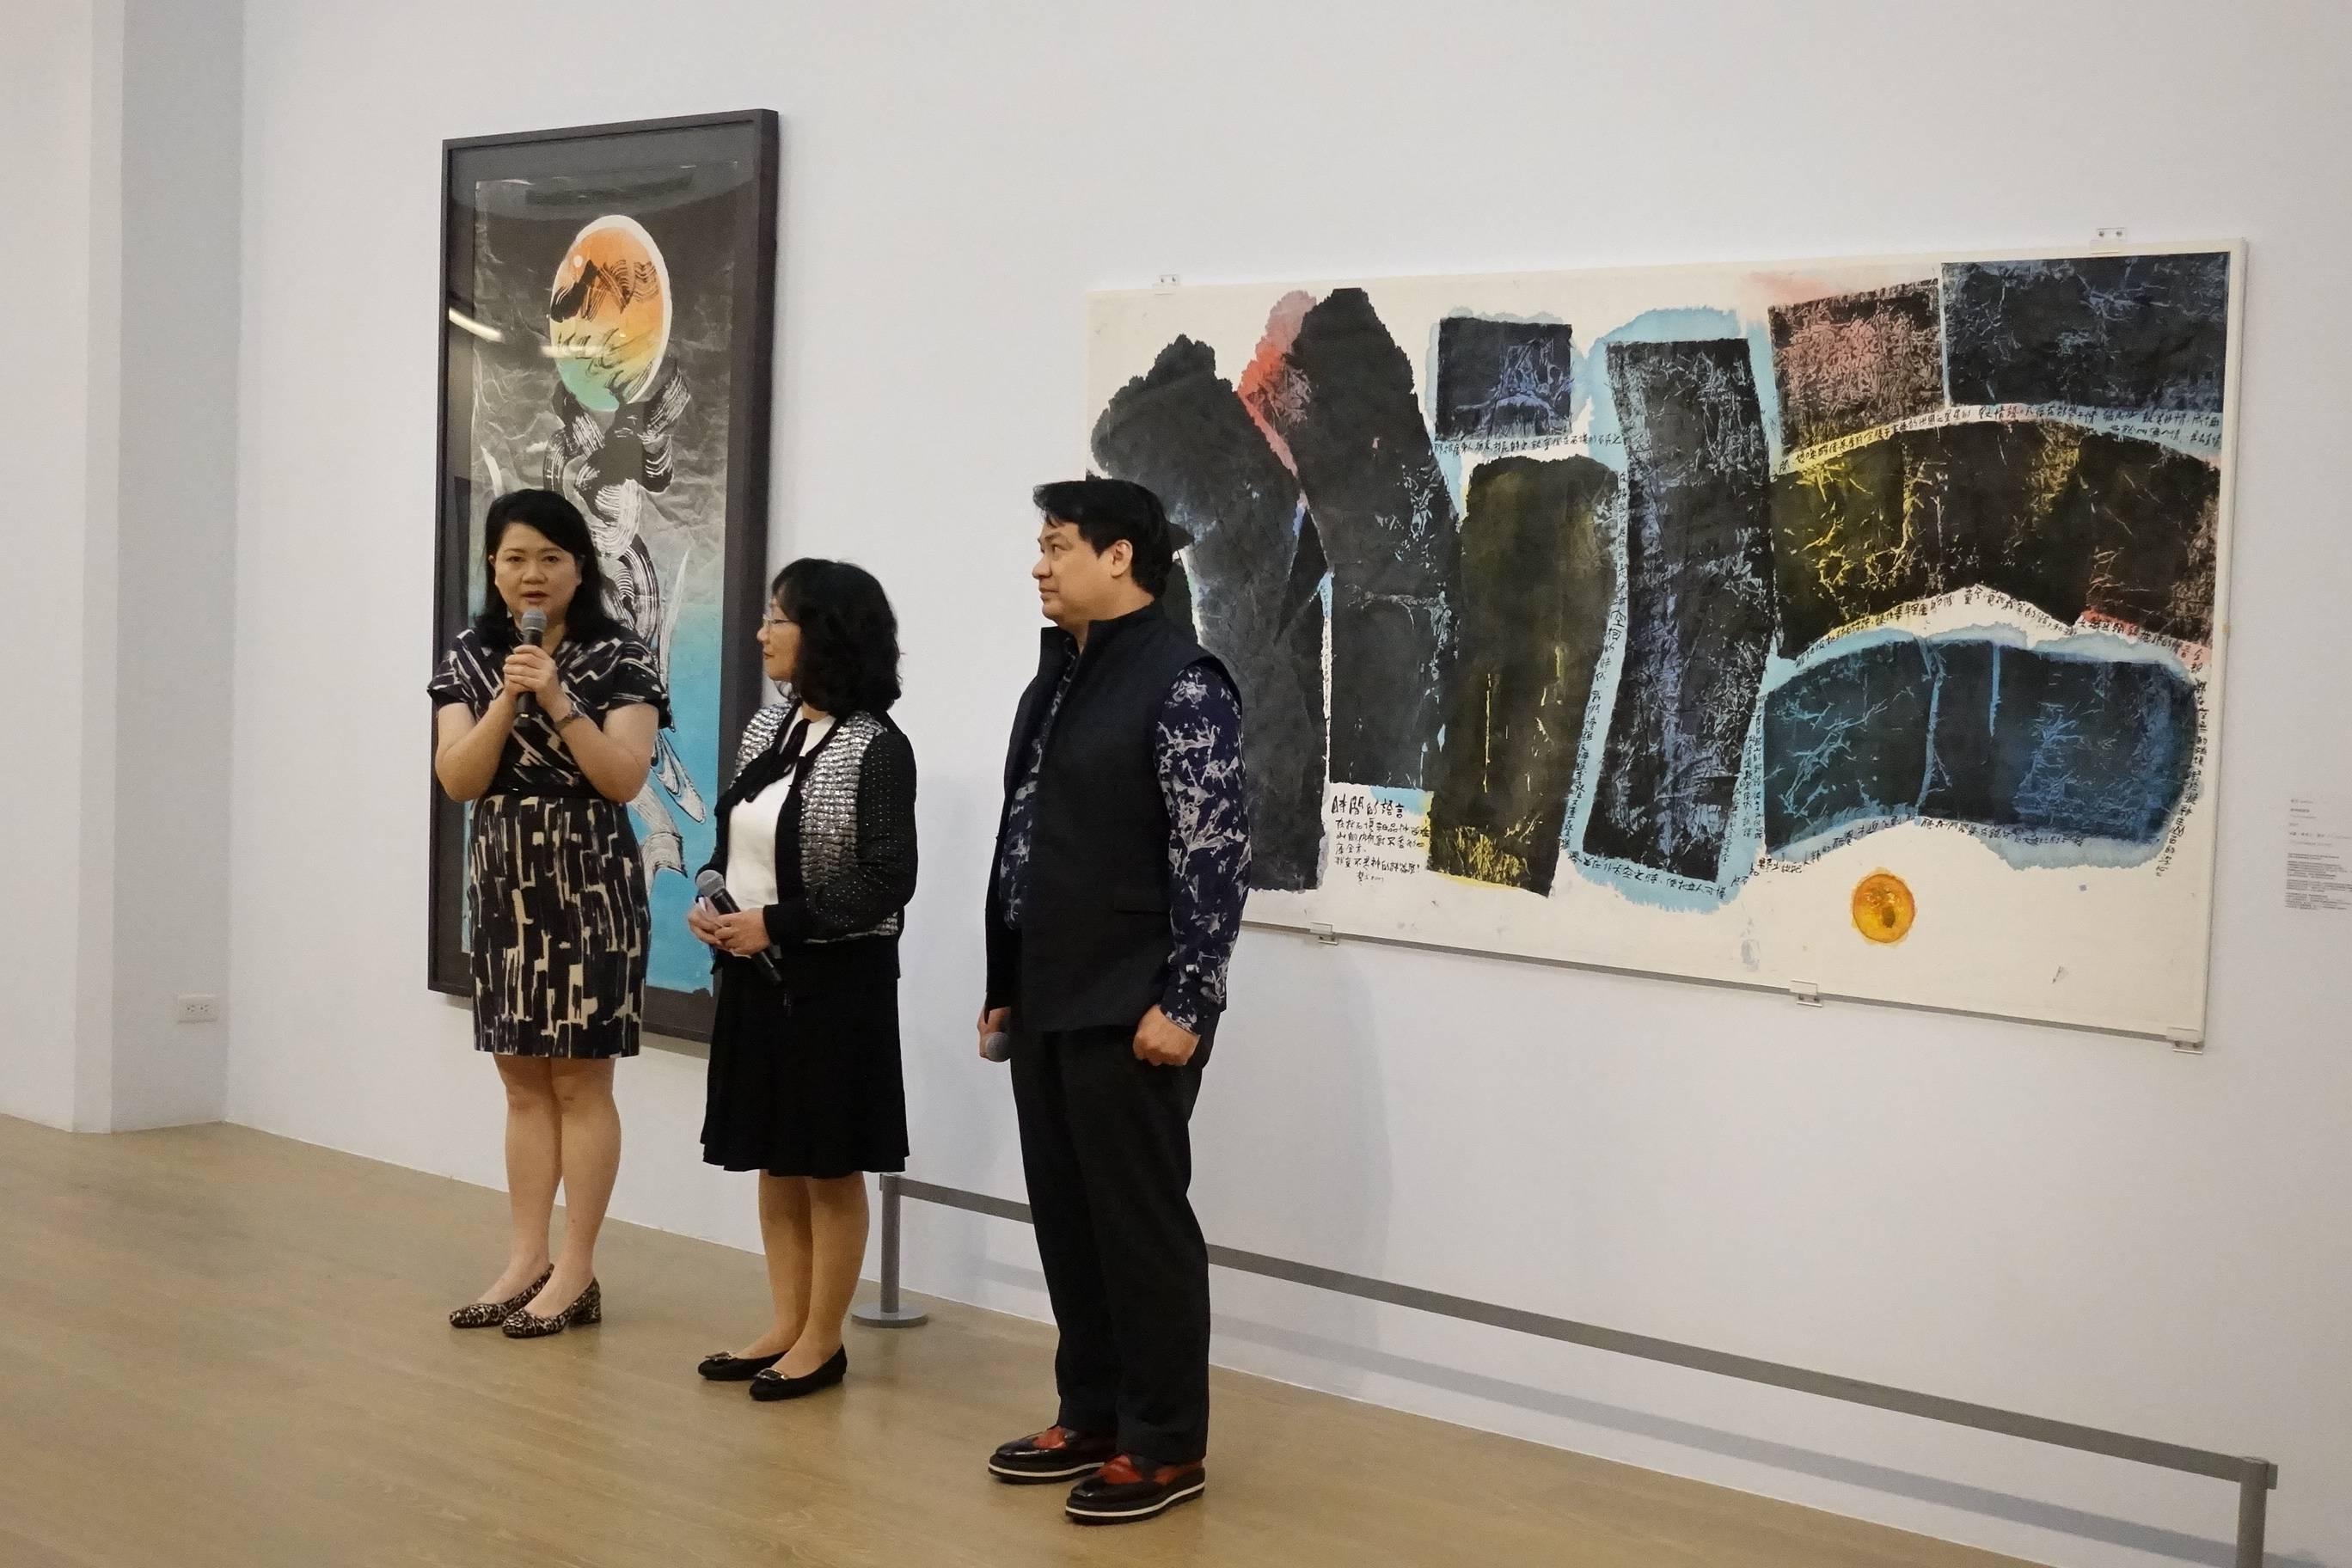 展覽開幕照。左至右:尊彩藝術中心總經理陳菁螢、楚戈基金會執行長陶幼春、尊彩藝術中心董事長余彥良。